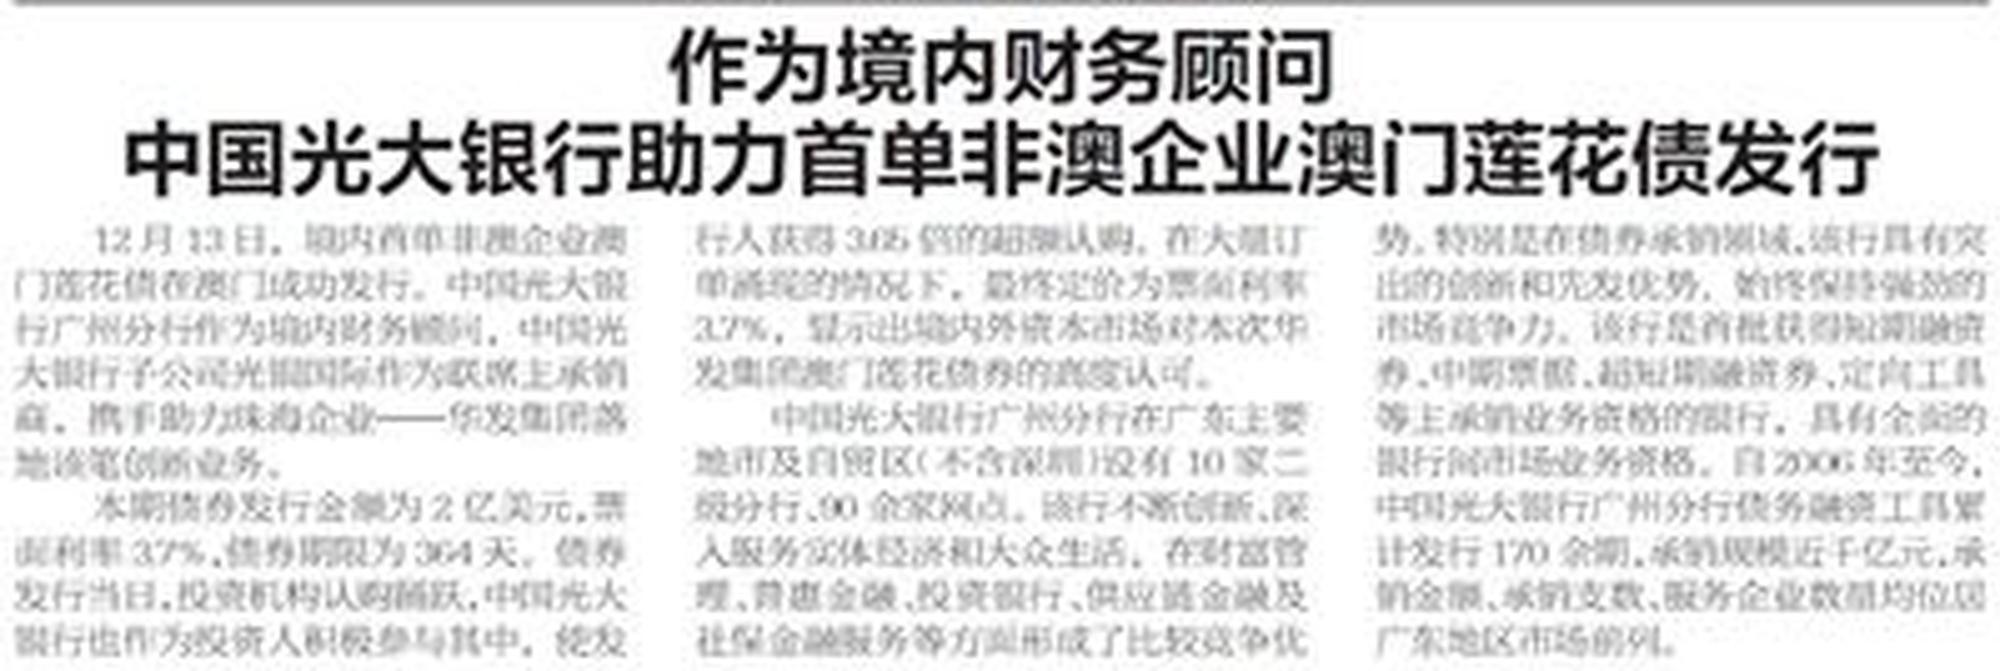 作为唯一境内财务顾问 中国光大银行助力首单非澳企业澳门莲花债发行